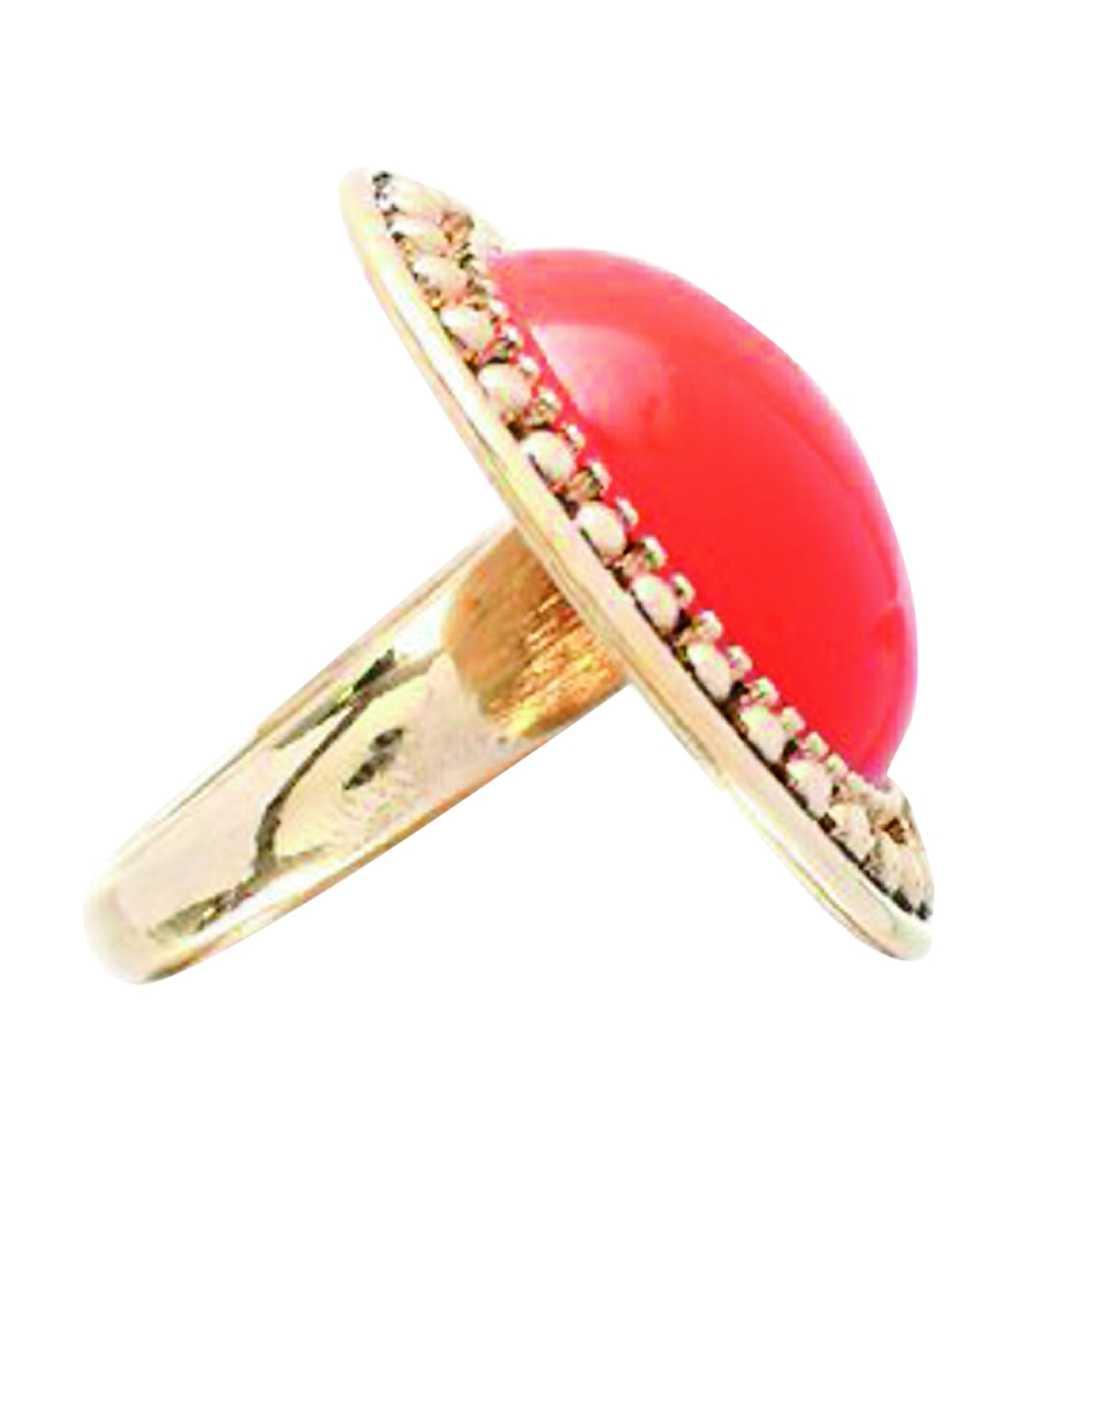 Med stort bling i orange på fingret känns allt mycket roligare. Ring, cirka 70 kronor, www.asos.com